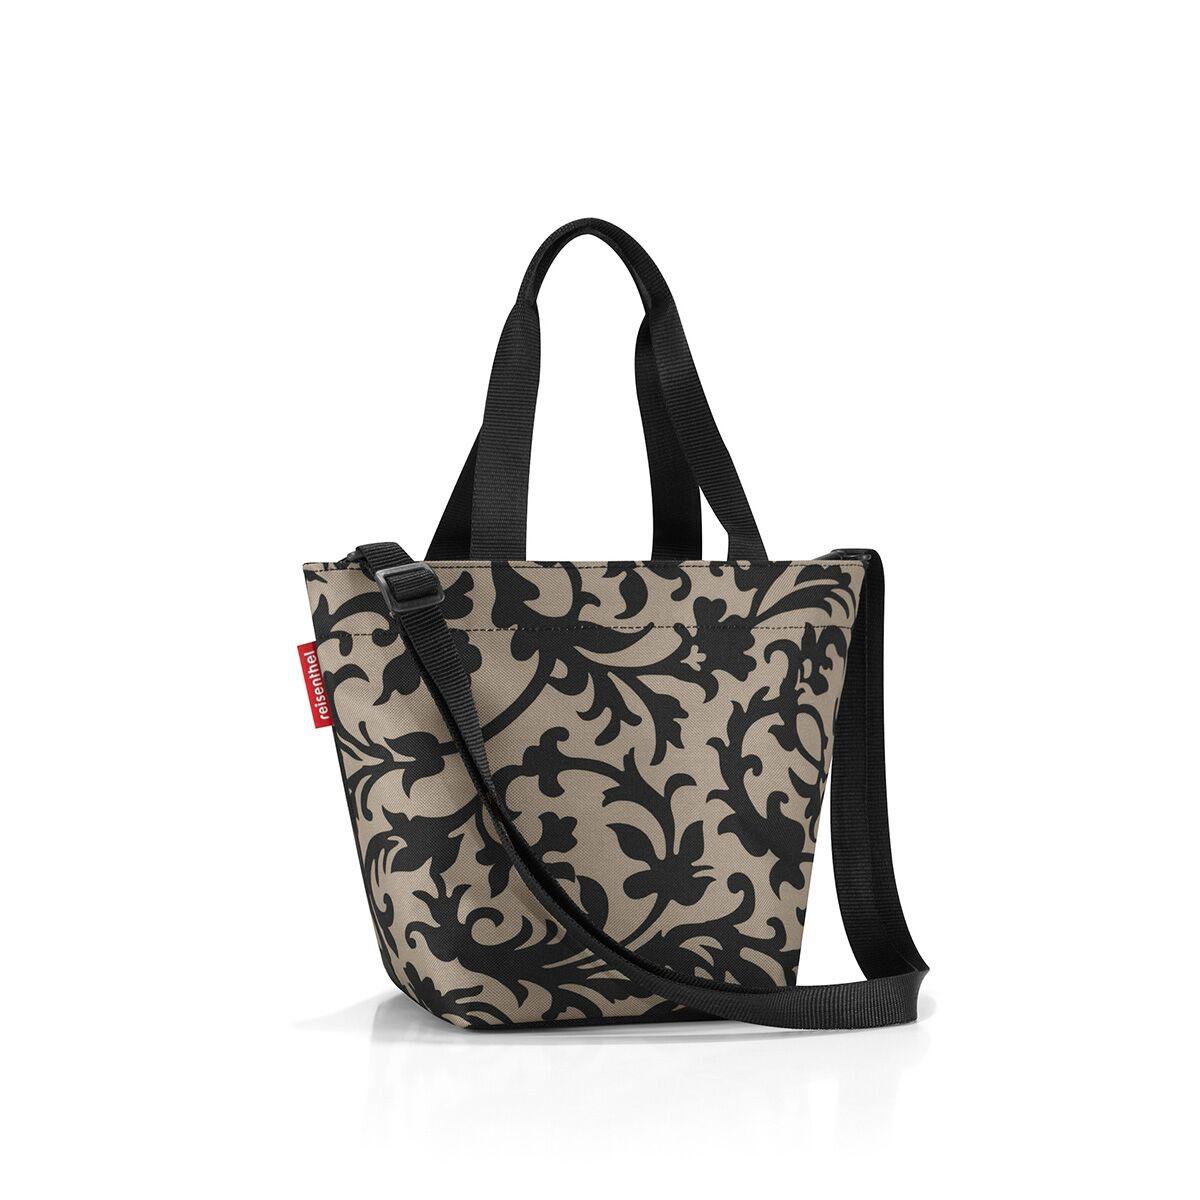 Сумка-шоппер женская Reisenthel, цвет: бежевый. ZR7027ZR7027Уменьшенная версия классической сумки. Симпатичная сумка для похода в магазин: широкие удобные лямки распряделяют нагрузку на плече, а объем 4 литра позволяет вместить необходимый батон хлеба, пакет молока и другие вкусности. Застегивается на молнию. Внутри - кармашек на молнии для мелочей. Две ручки плюс ремешок с регулируемой длиной. Специальное уплотненное днище для стабильности. Серия special edition - это лимитированные модели сумок с уникальными принтами. Сочетают расцветки разных коллекций, а также имеют вышивку и аппликацию.